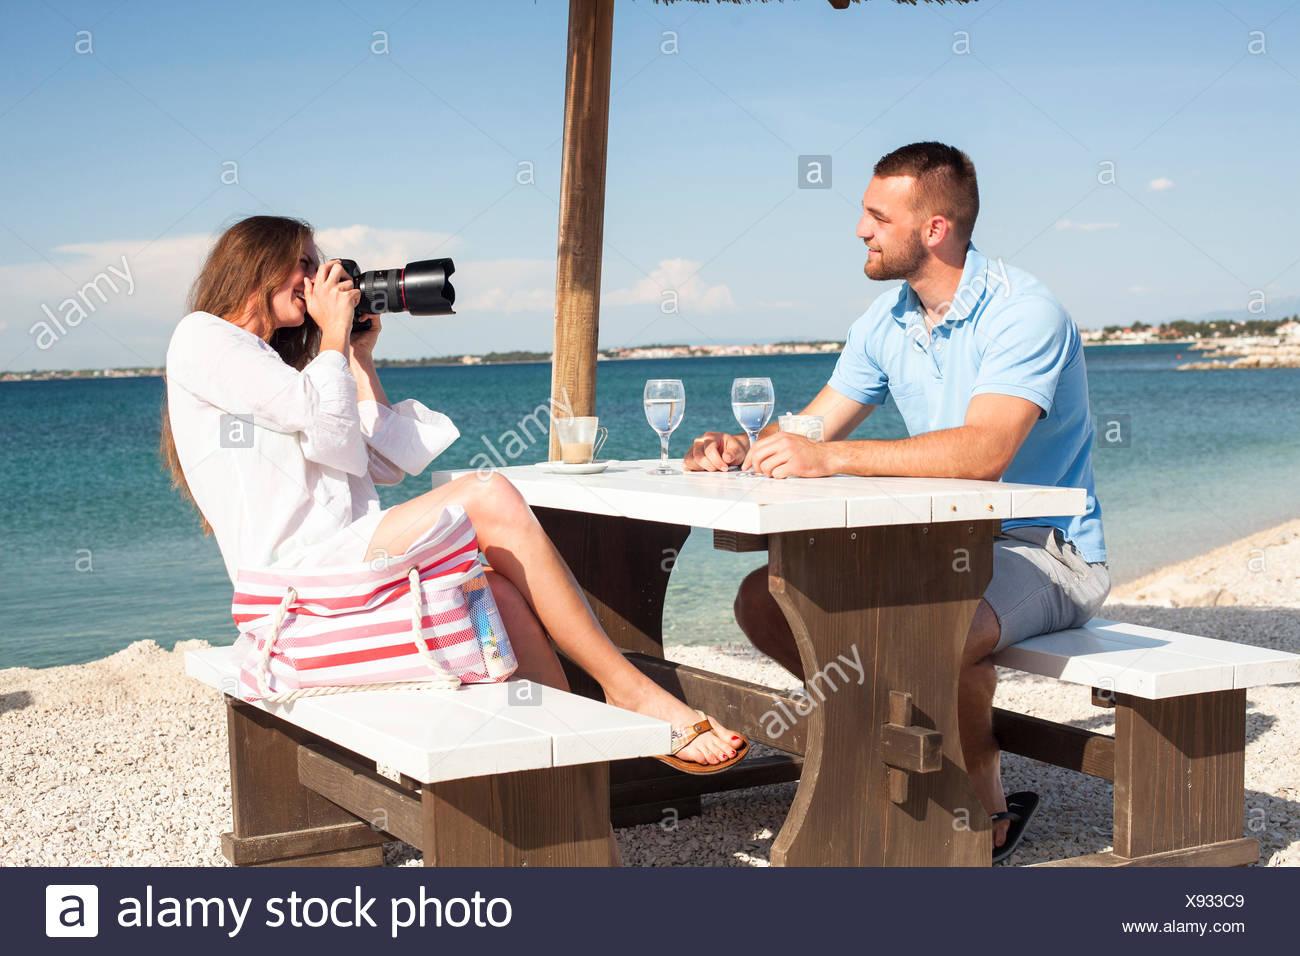 Junge Frau am Strand bar Fotografieren von Freund Stockbild